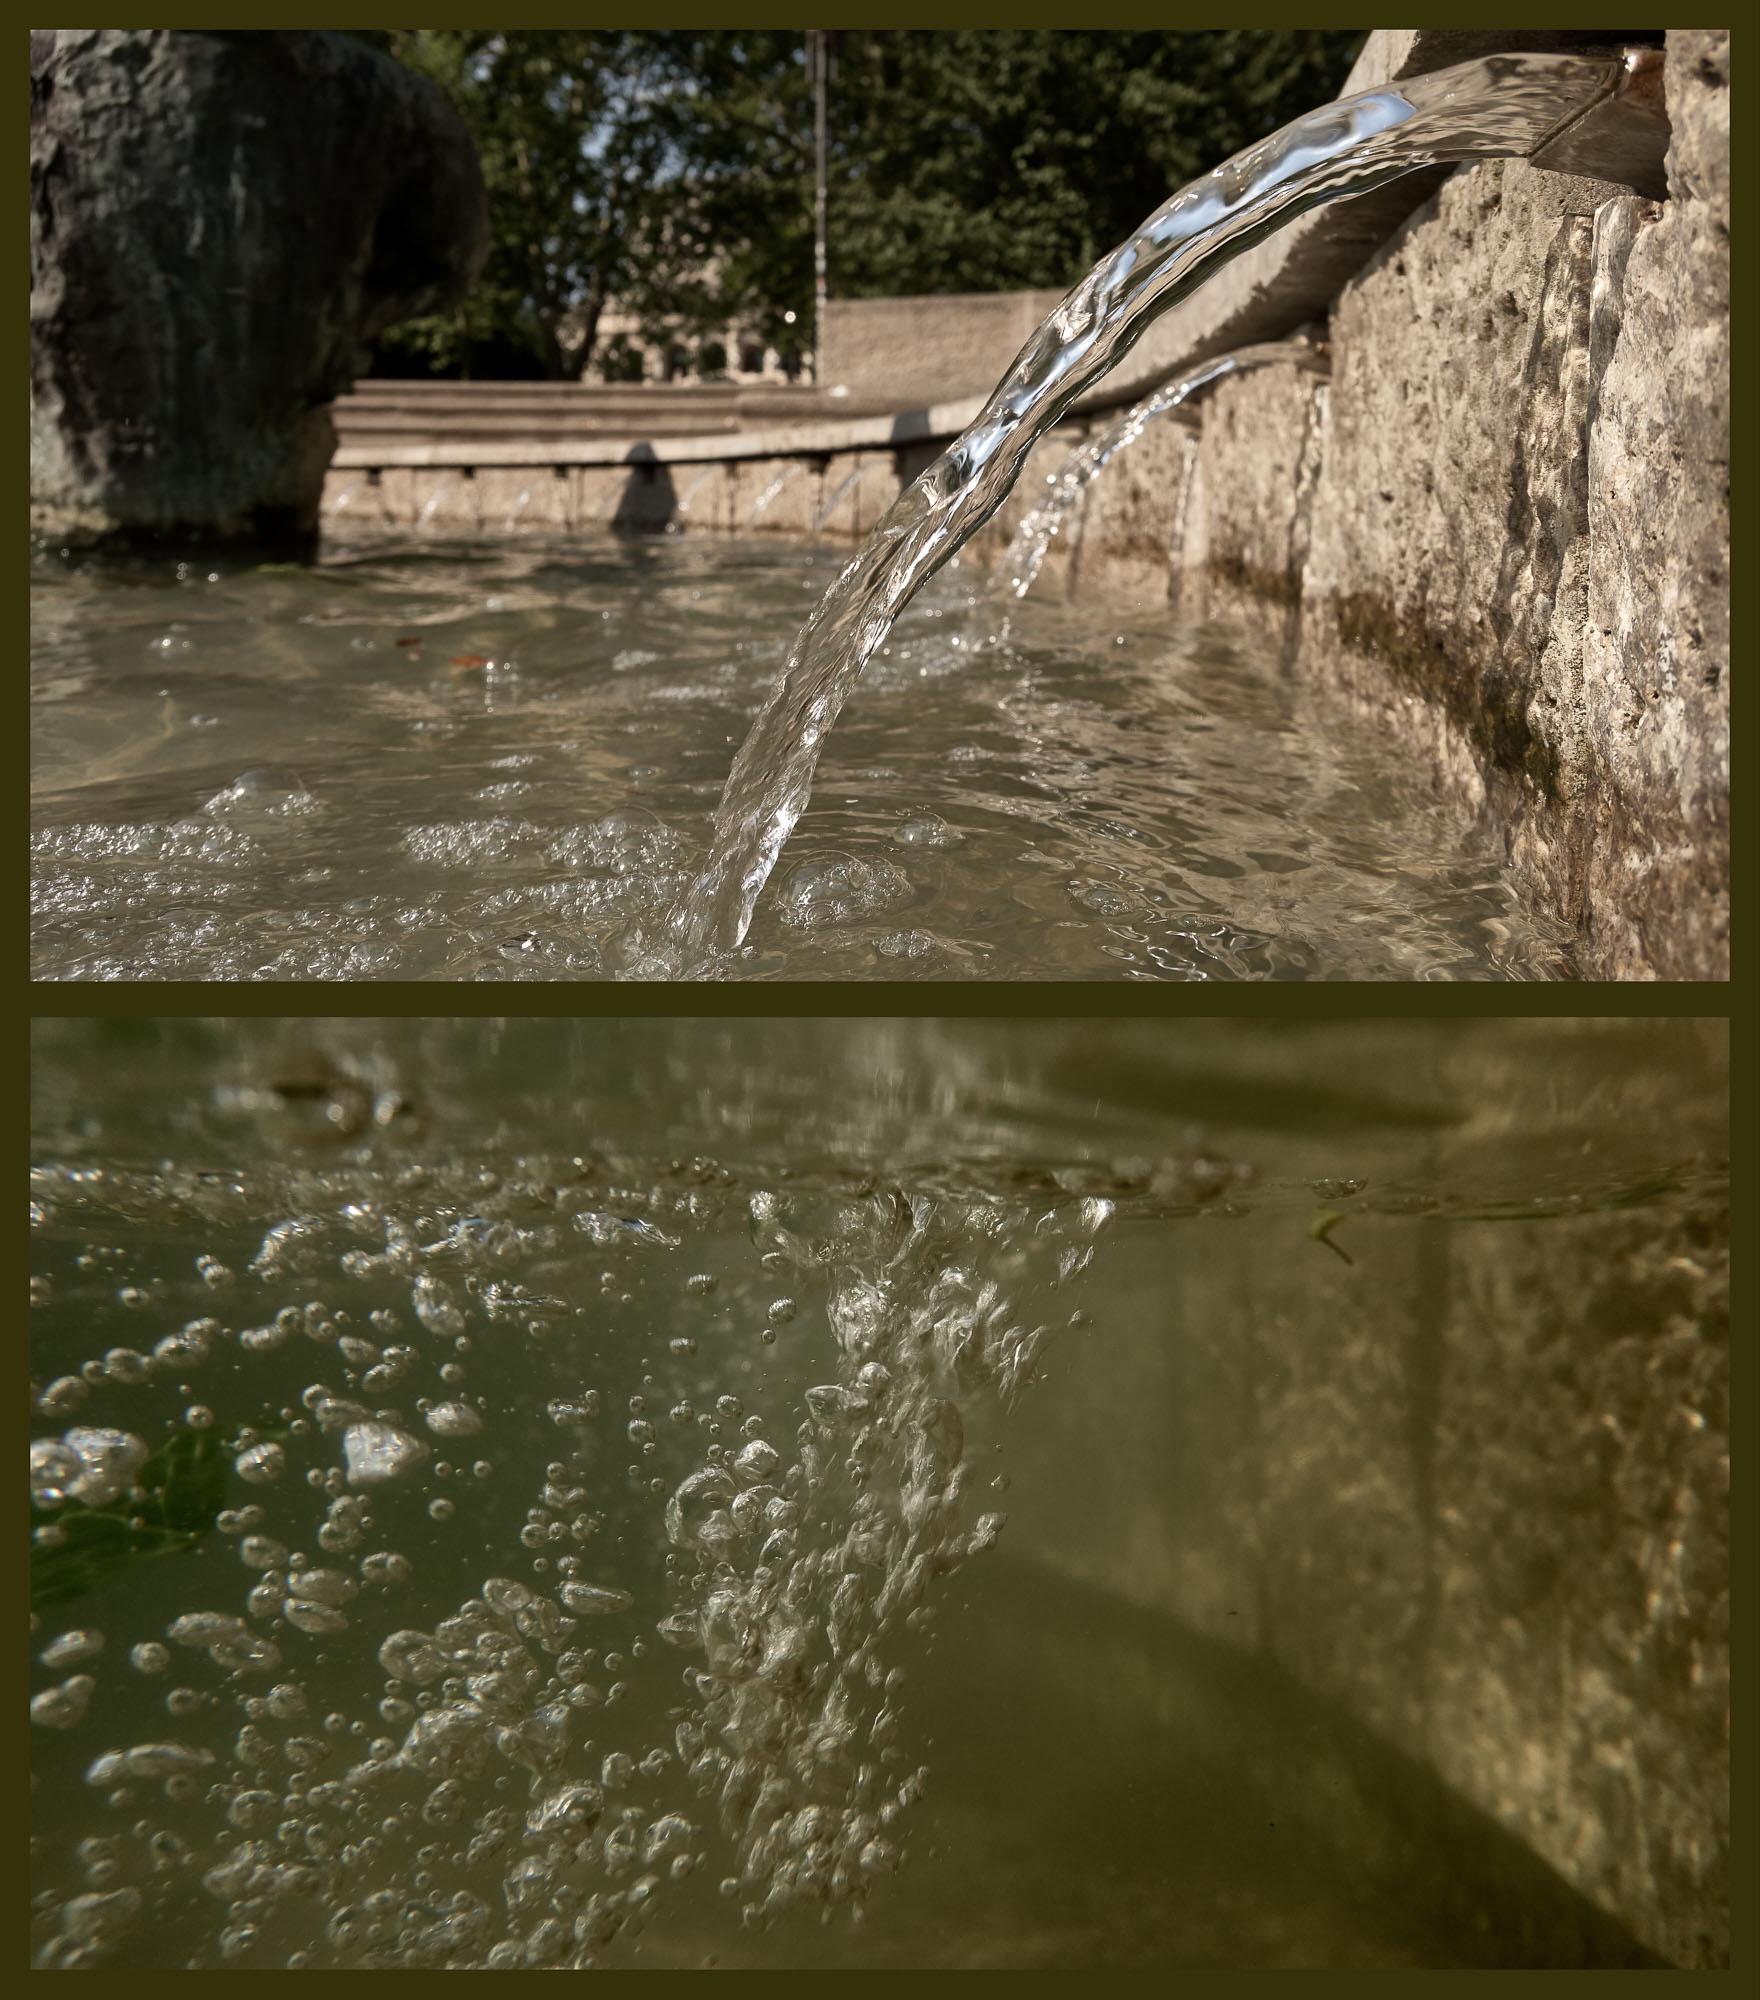 expresskasse / Wasserspiele - Marshall-Brunnen